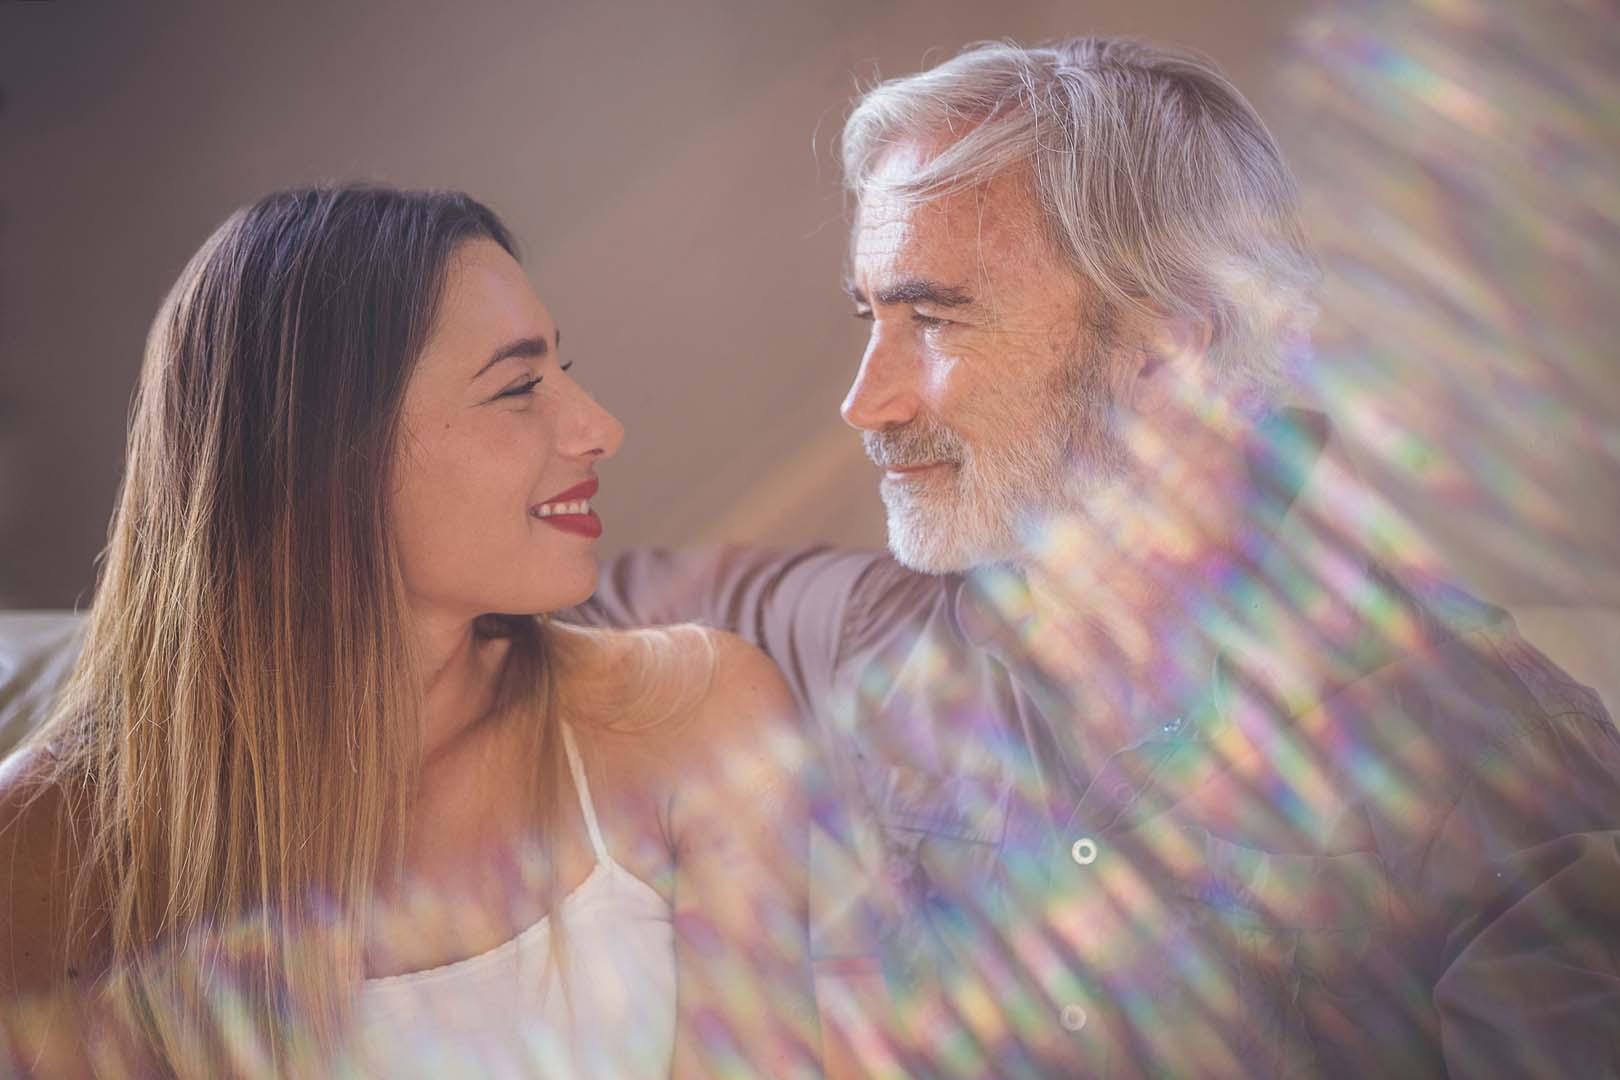 Massimo Gradini e Monica Bartolucci in una foto con flare in controluce